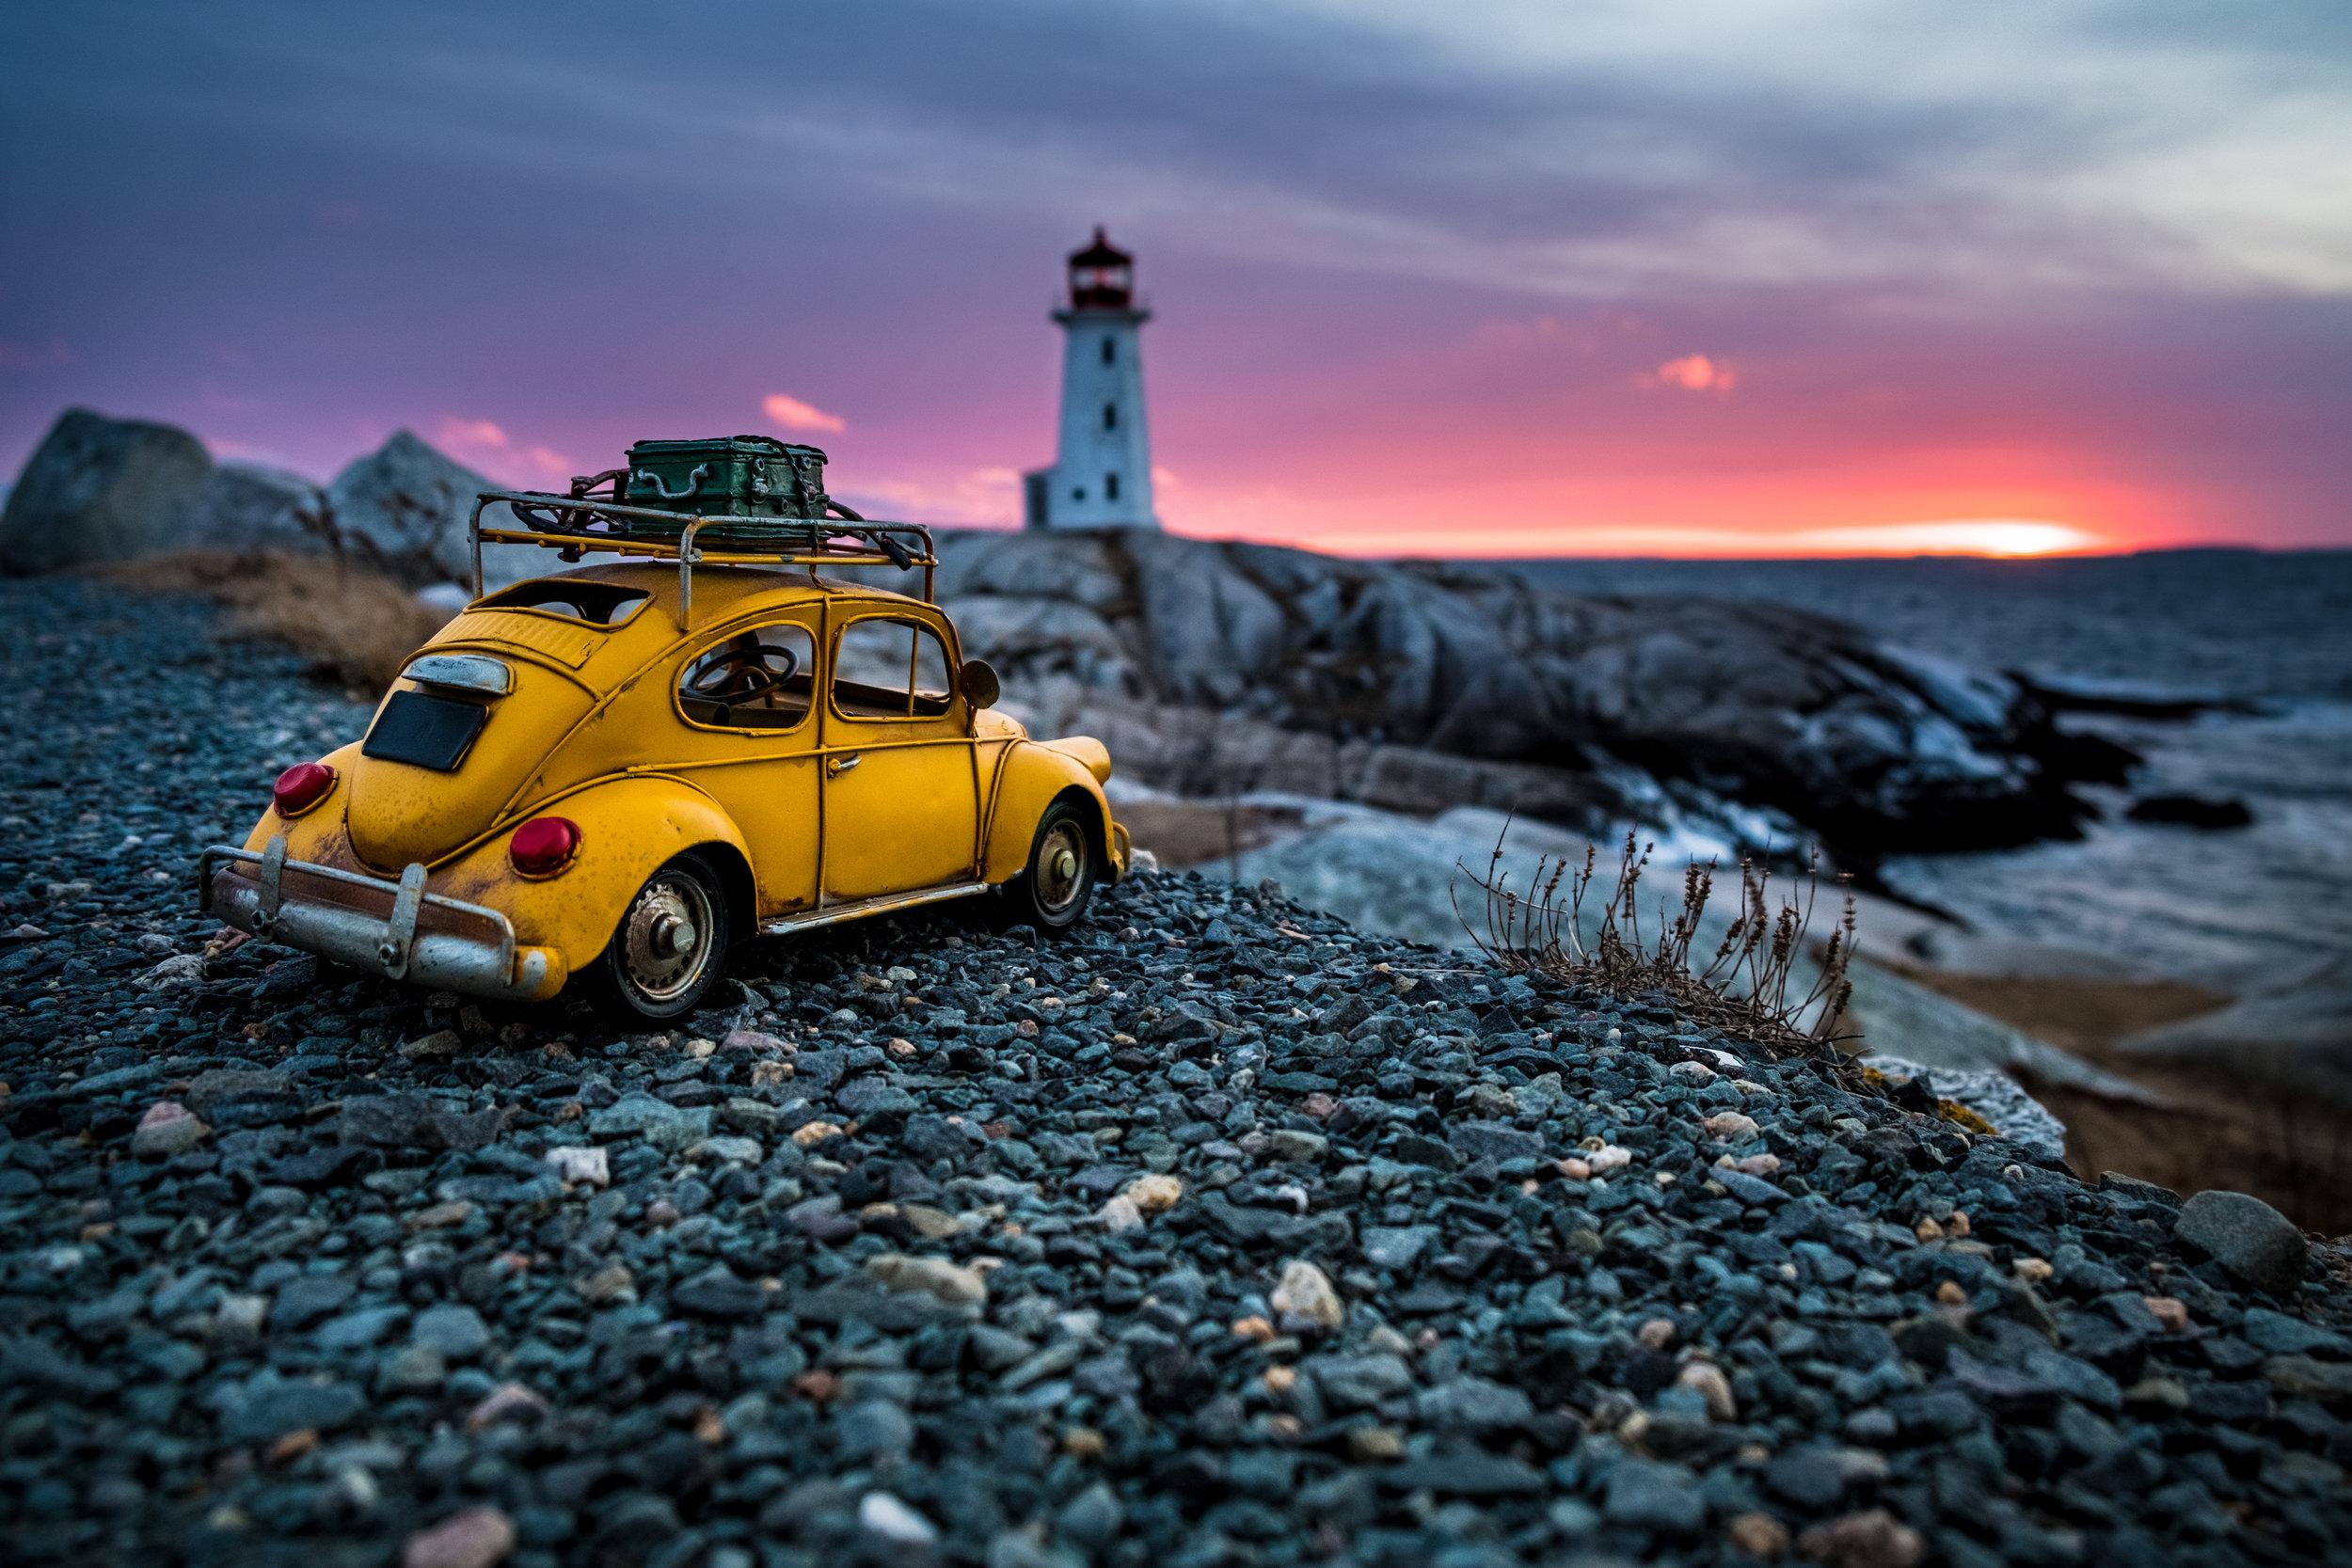 VDub_Willie at Peggy's Cove, Nova Scotia.